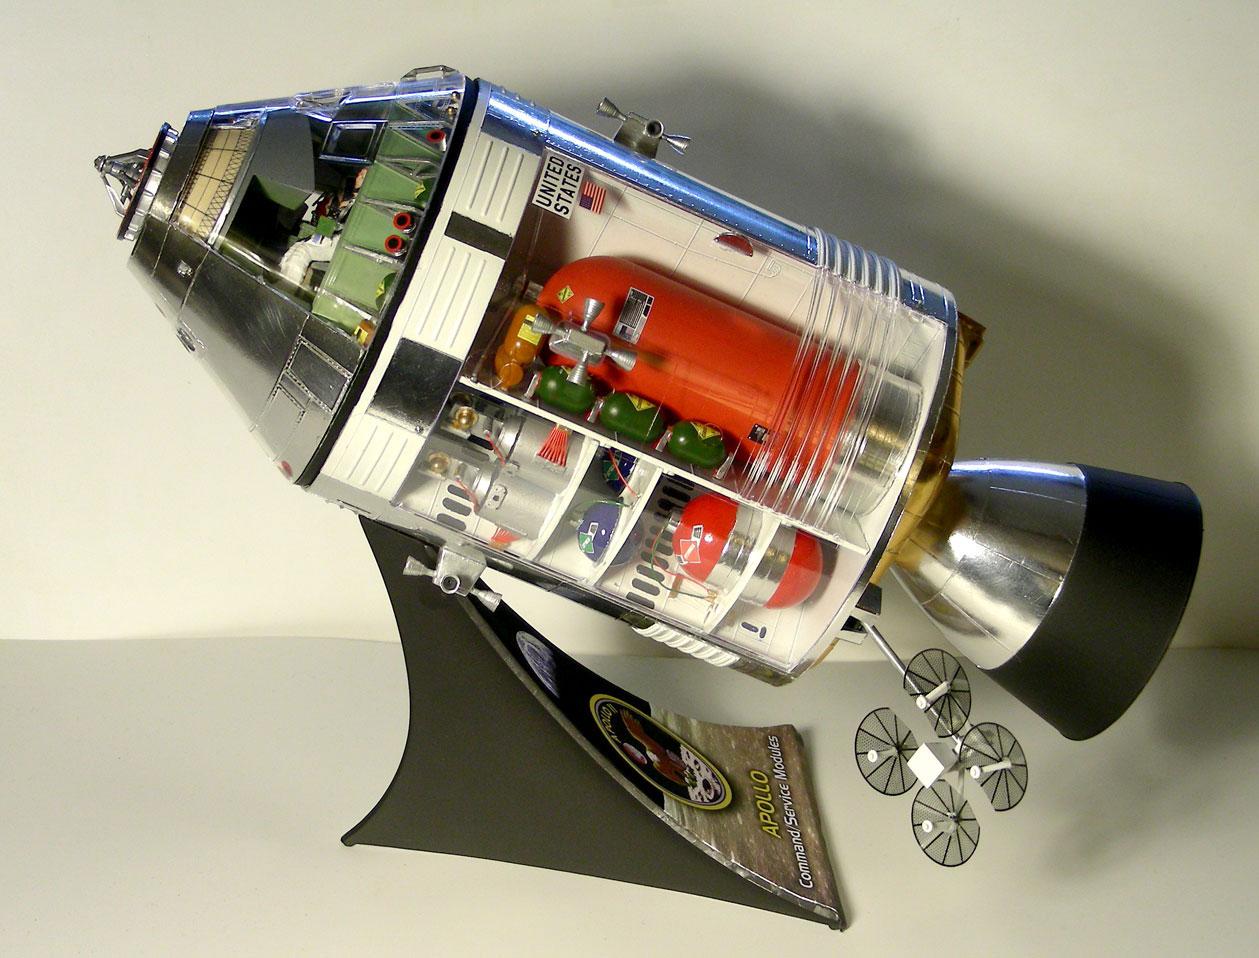 apollo spaceship model - photo #47